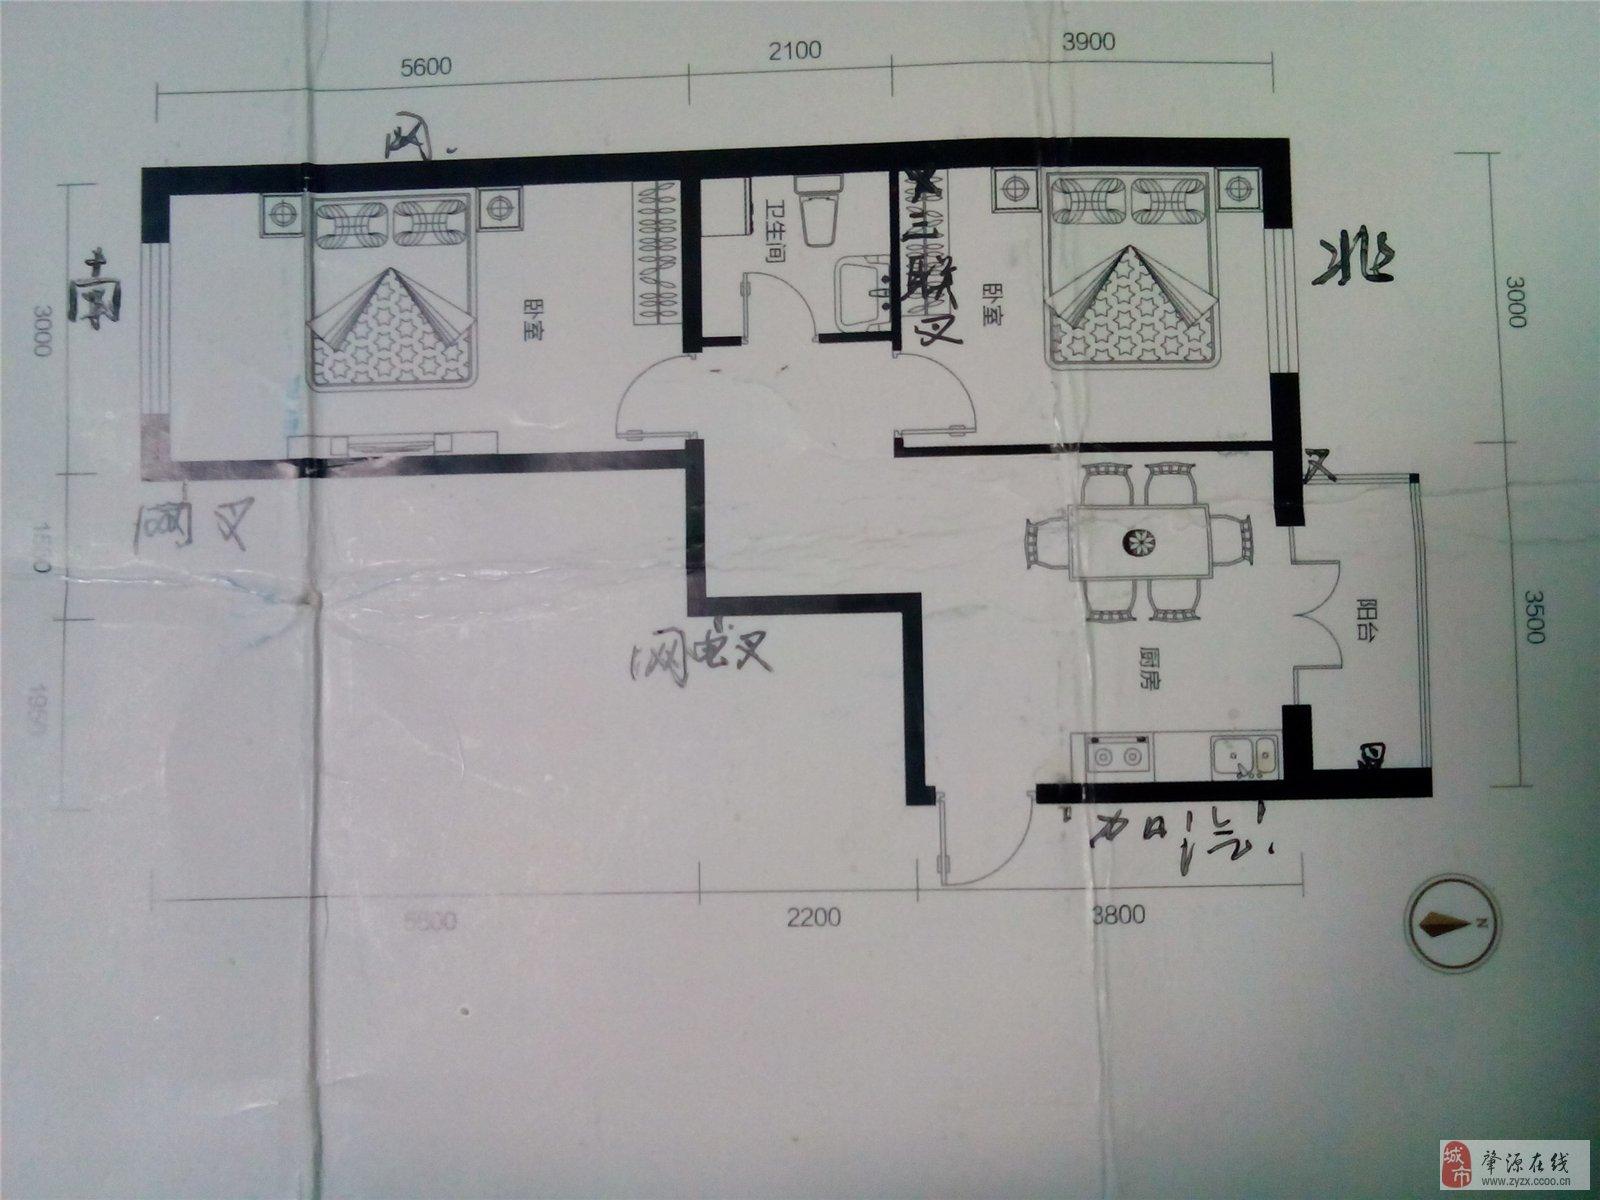 100平方米套房屋平面设计图 农村展示